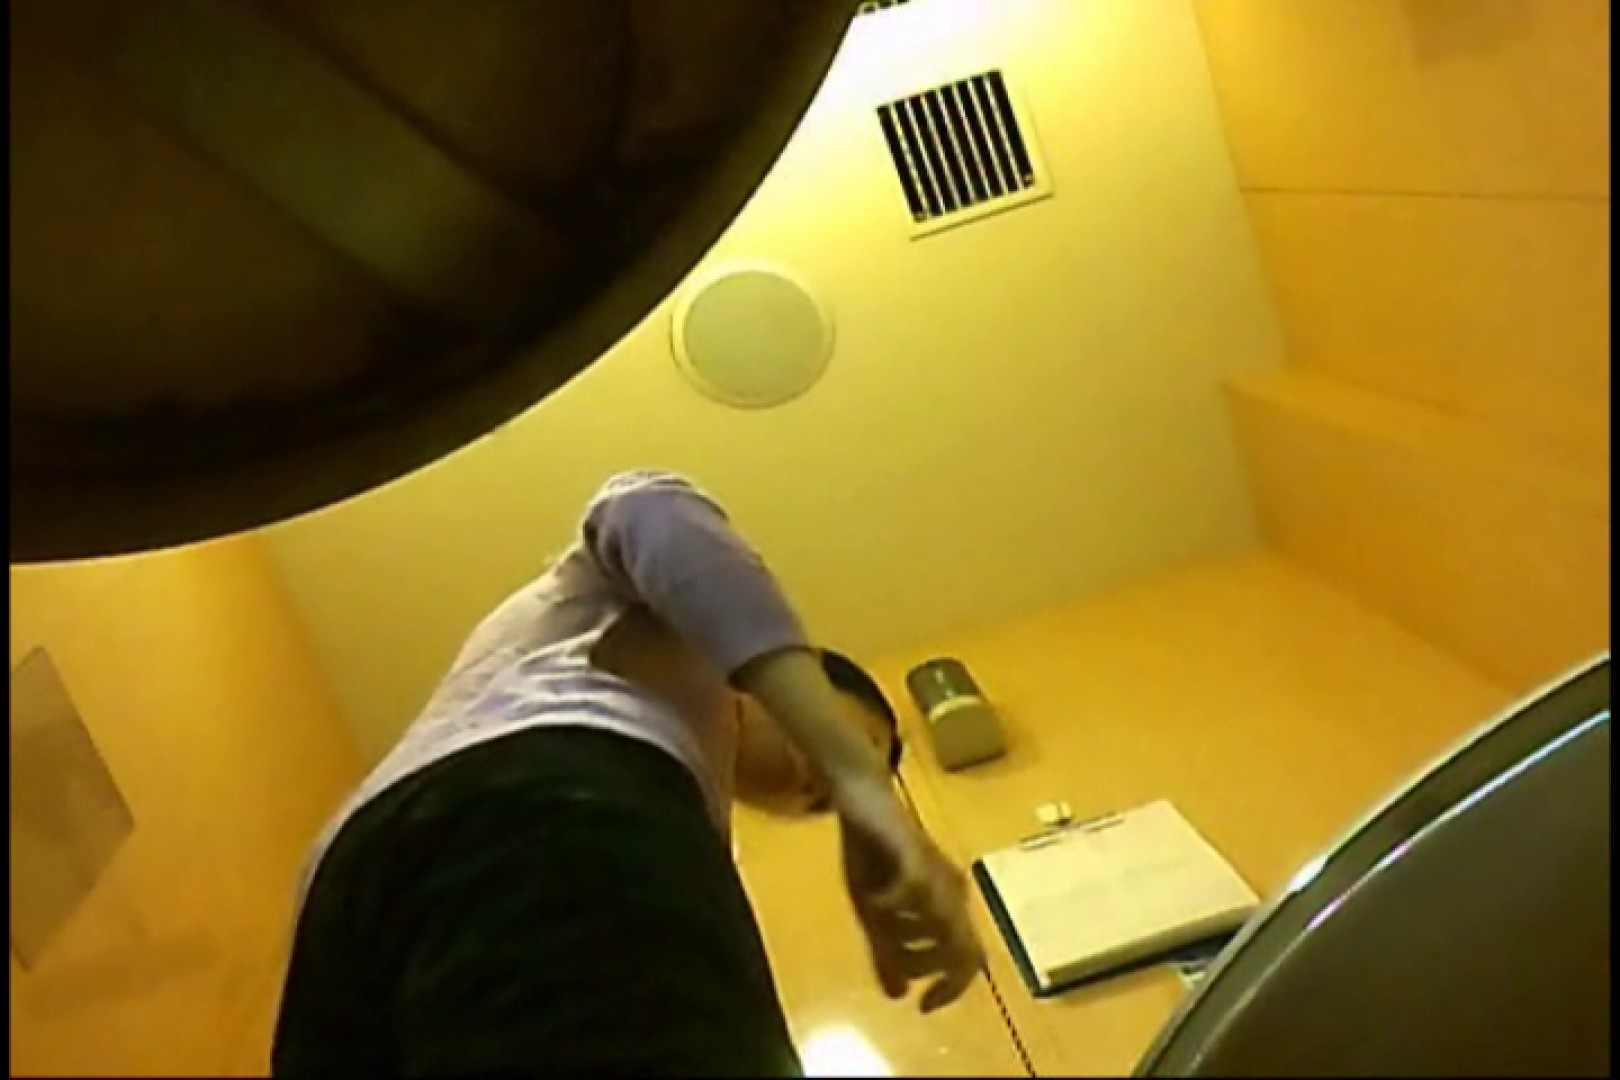 マダムが集まるデパートお手洗い Vol.19 OLの実態 のぞき動画画像 91pic 47